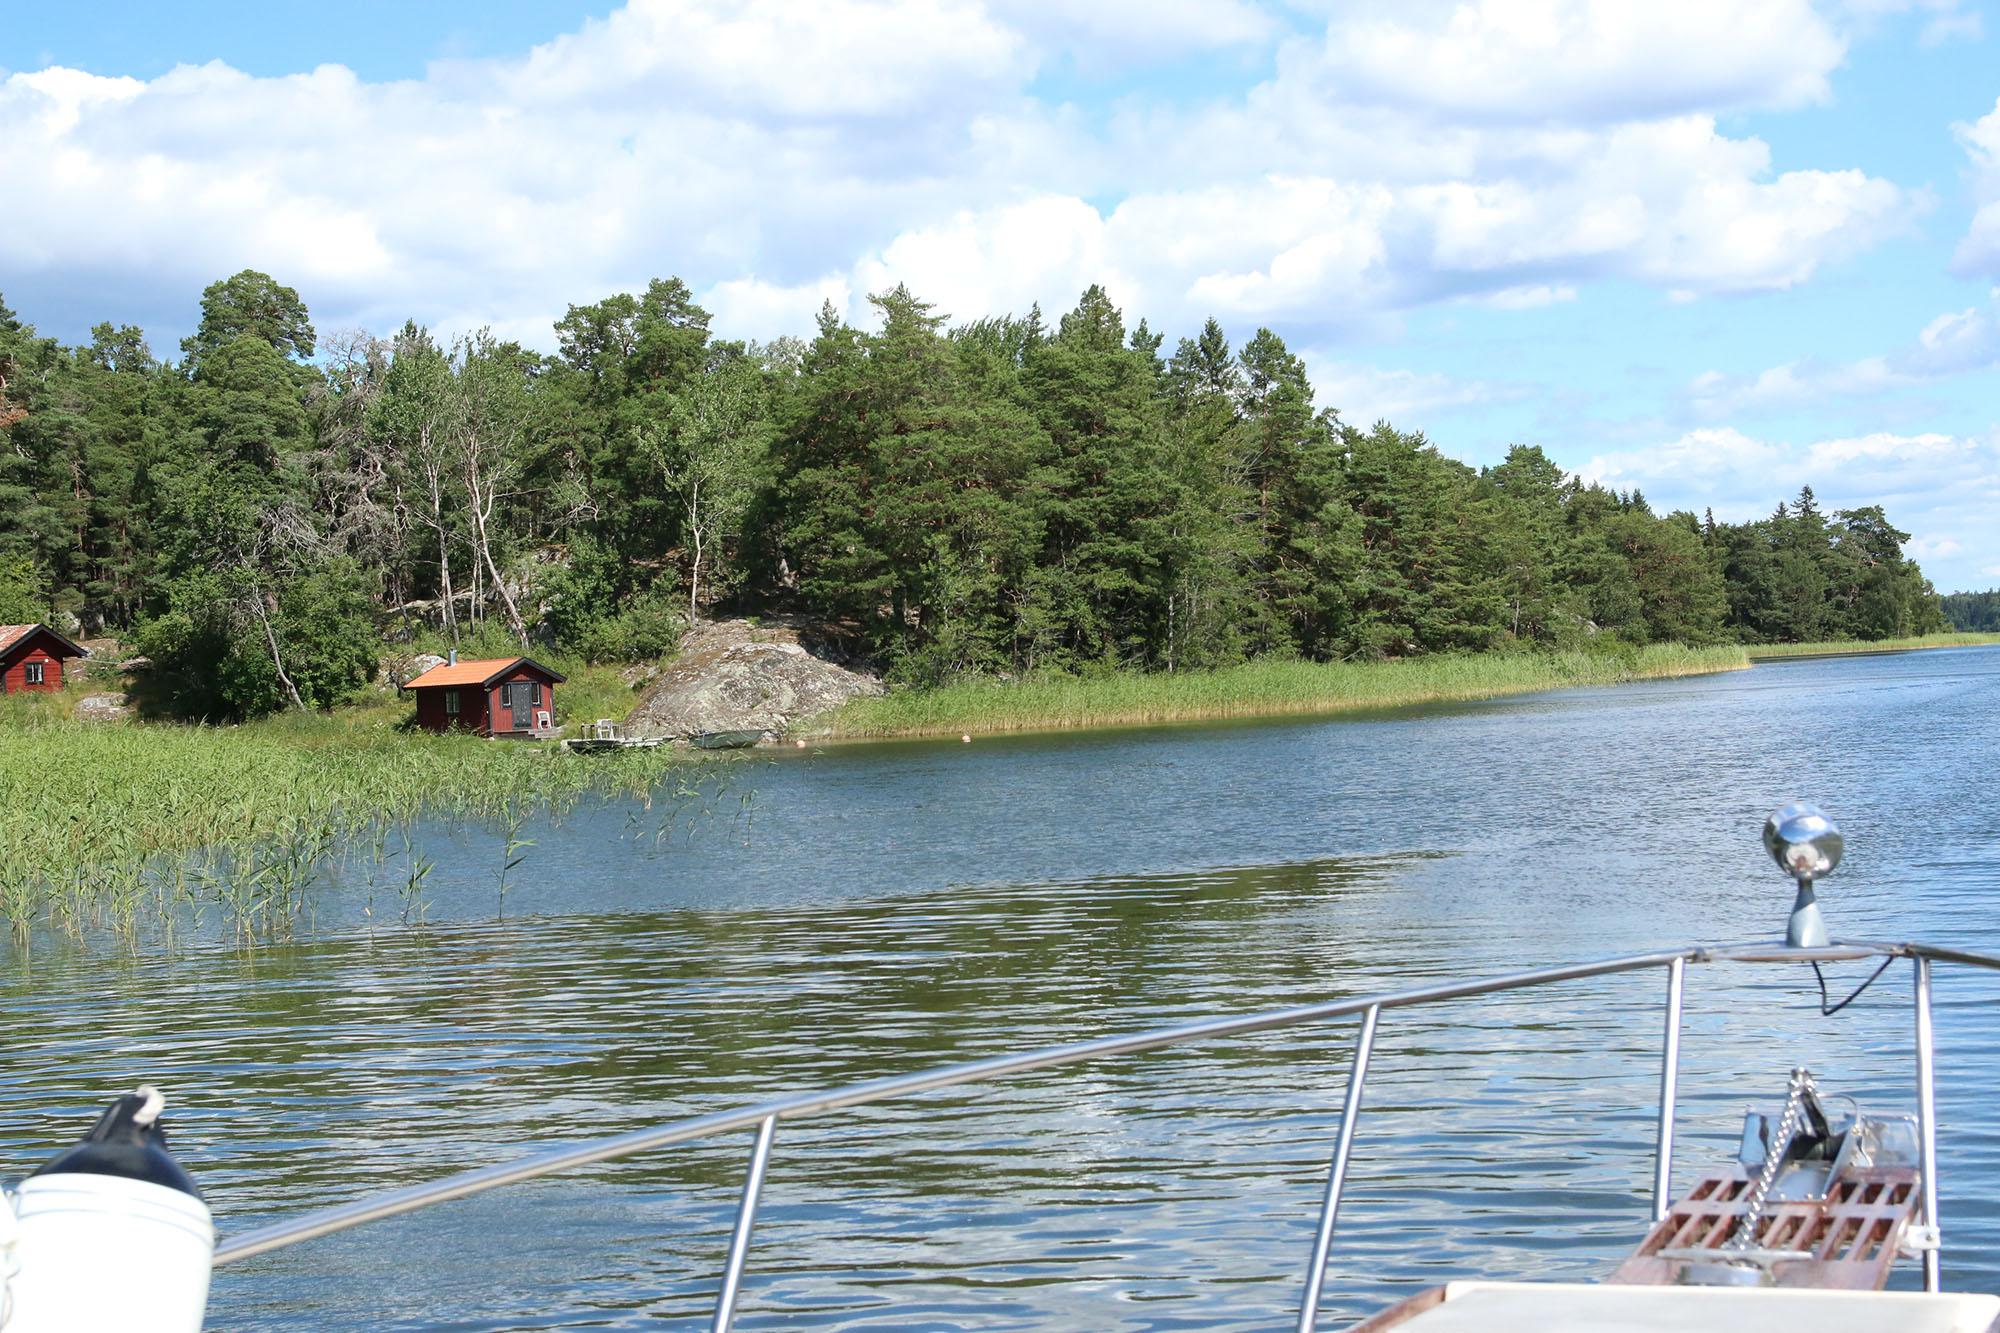 IMG_4502 båtliv x